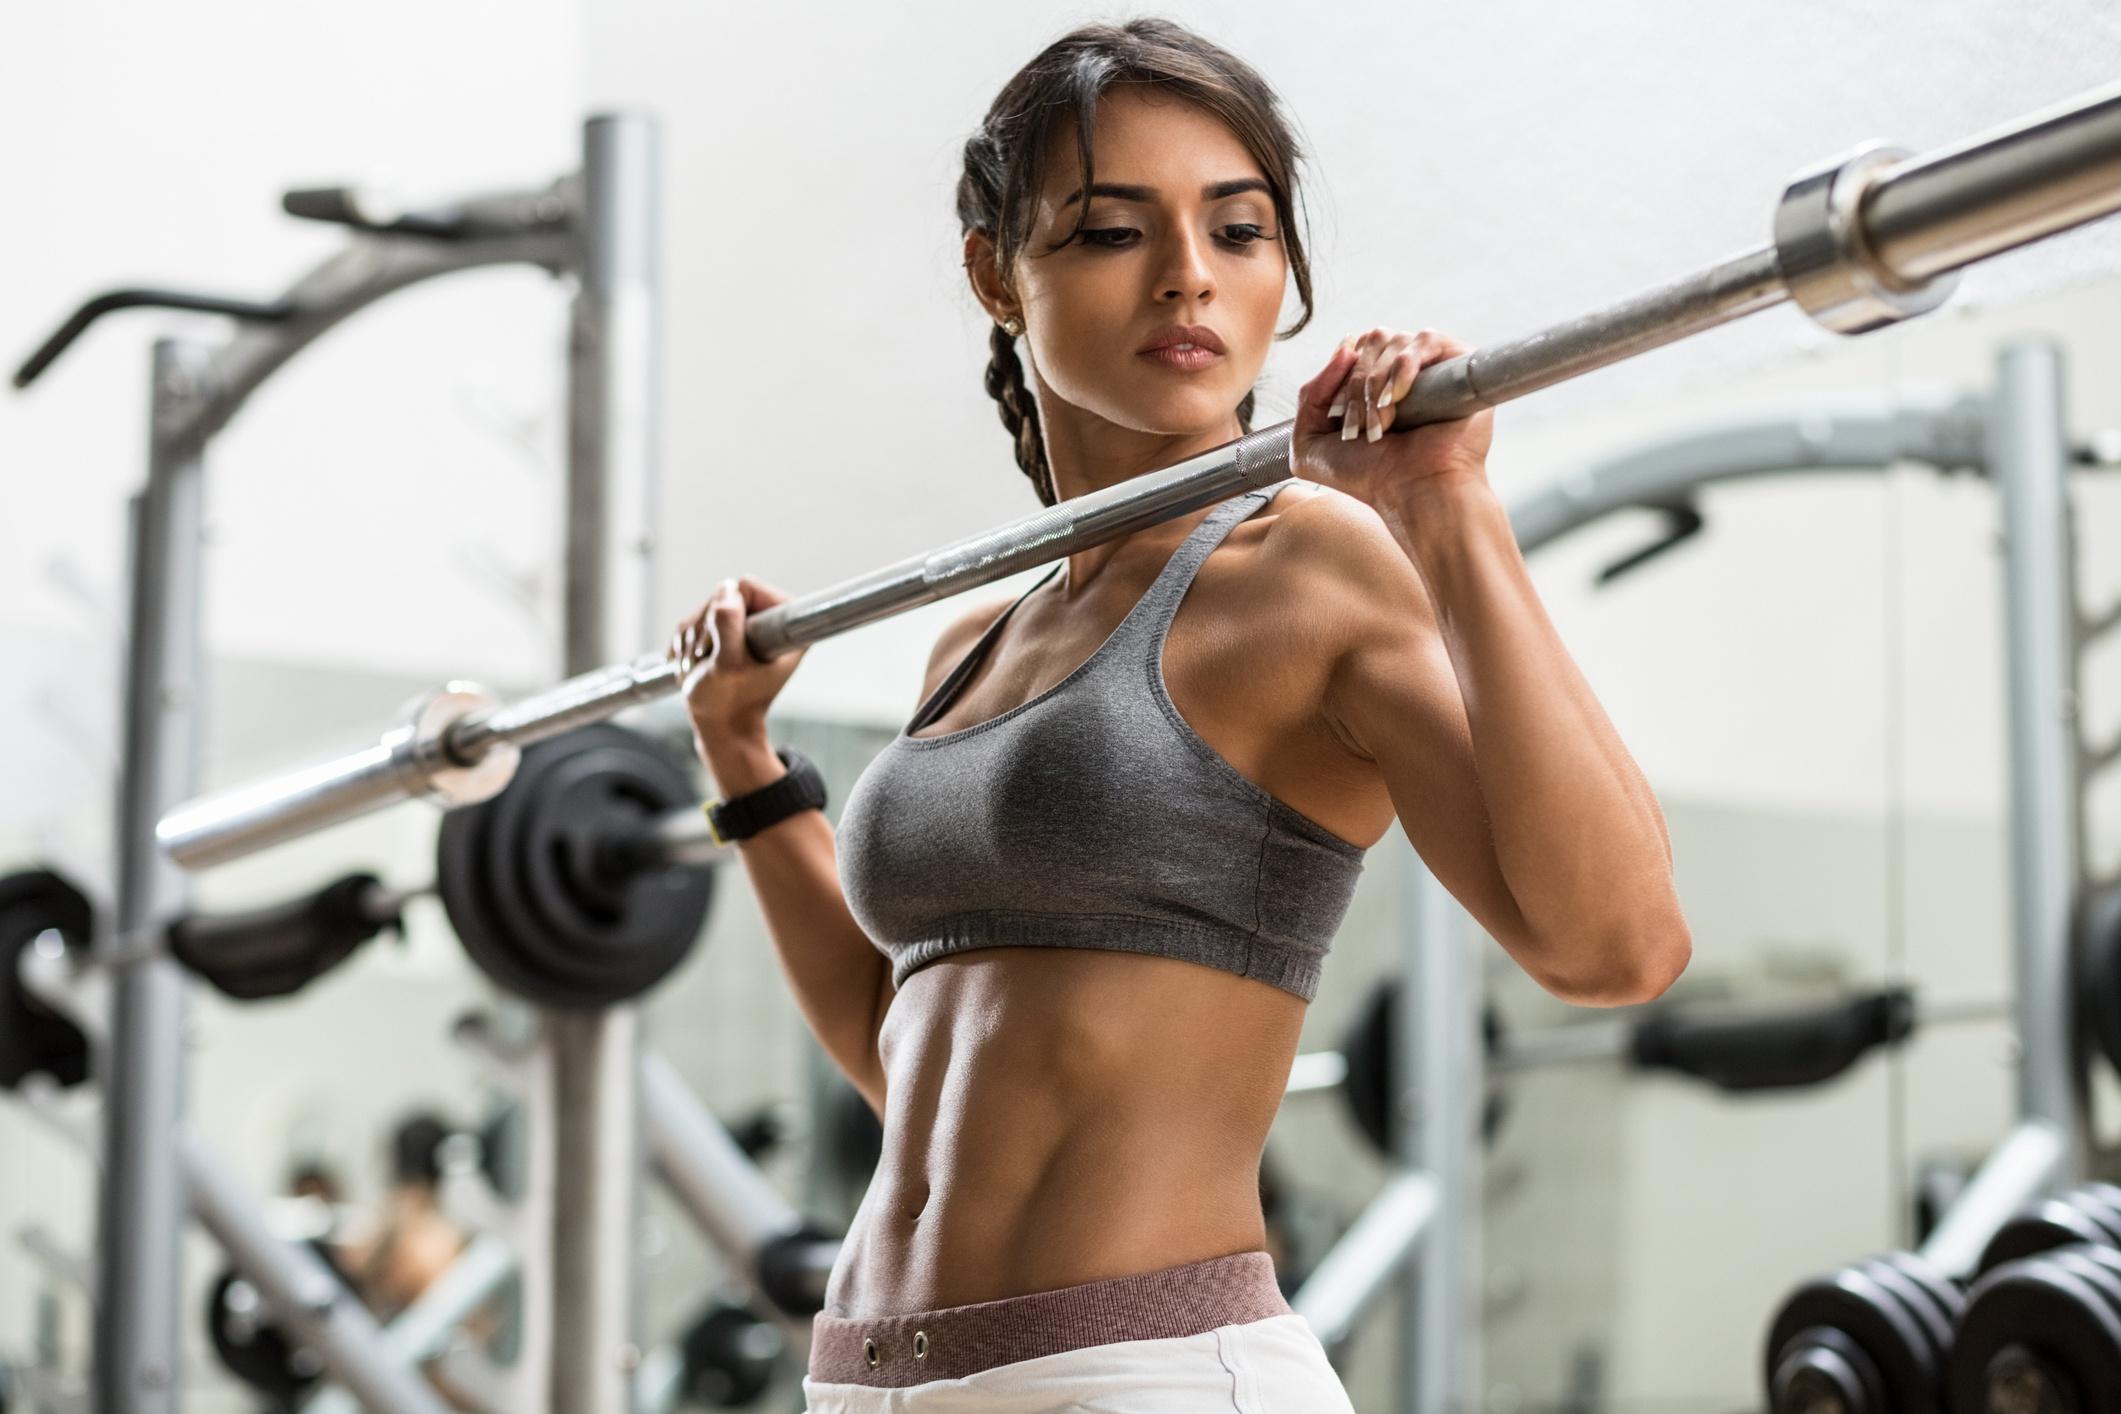 Fitness: Girl, Brunette, Woman, Model, Fitness